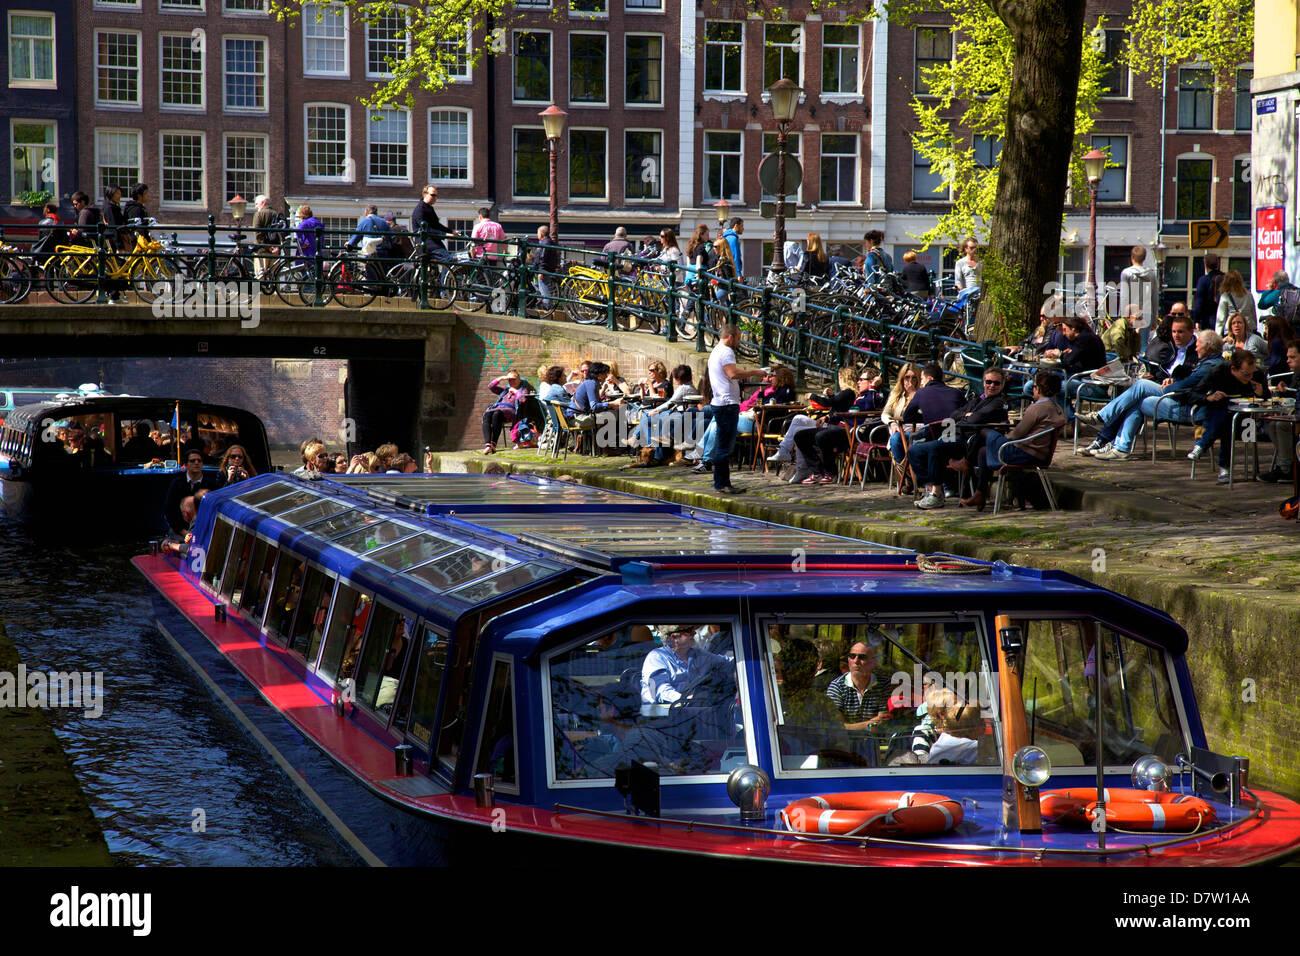 Bateau de tourisme sur Leliegracht, Amsterdam, Pays-Bas Photo Stock